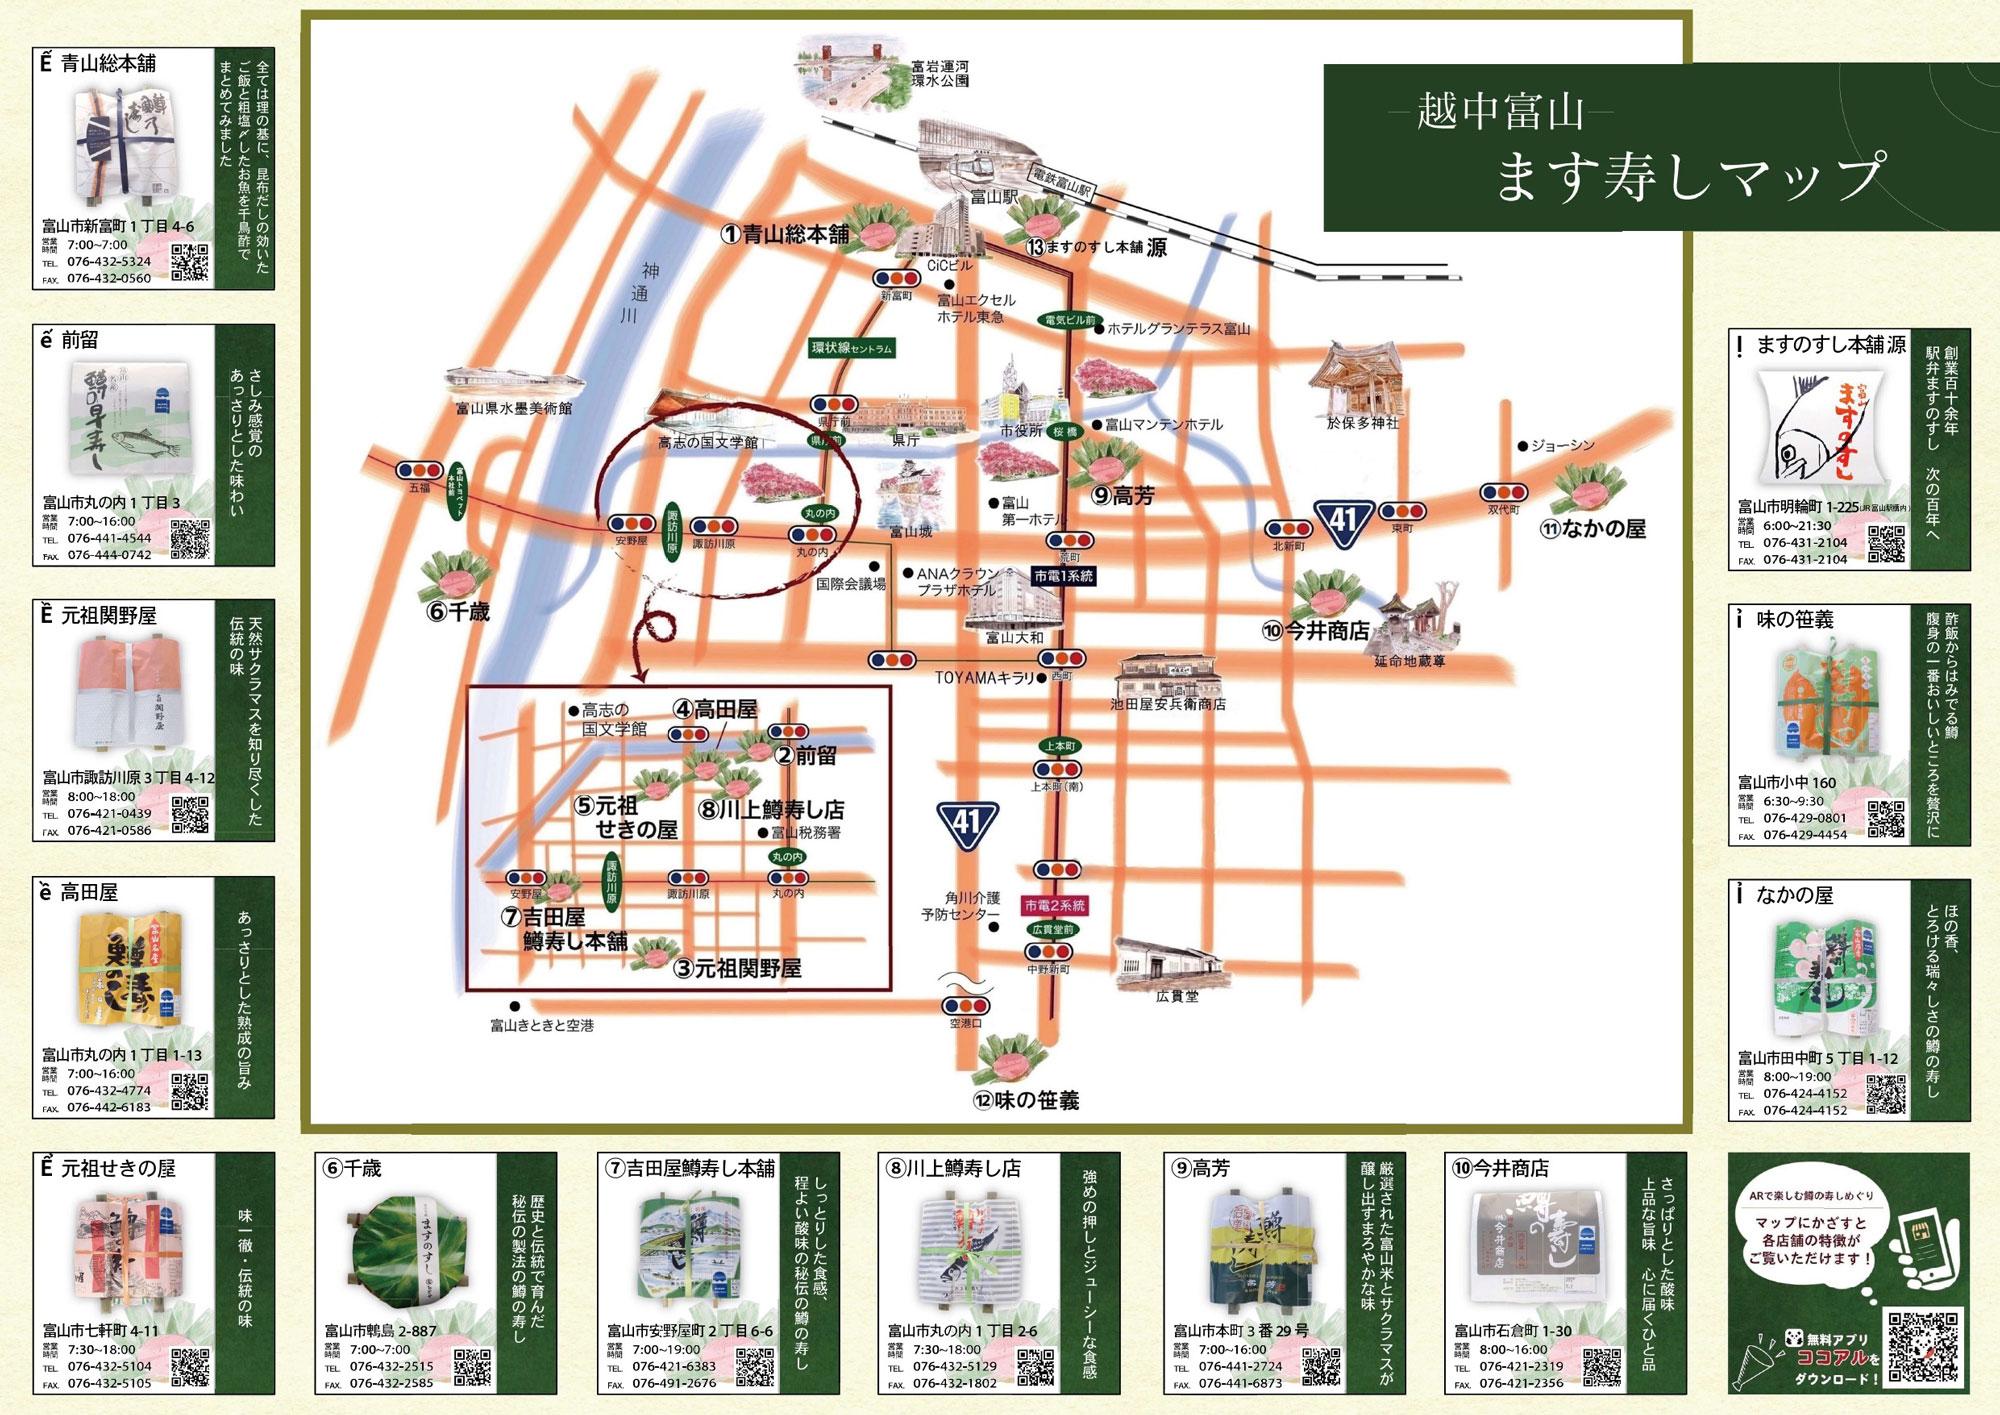 富山市の鱒寿司食べ歩きマップ(富山ます寿し協同組合)